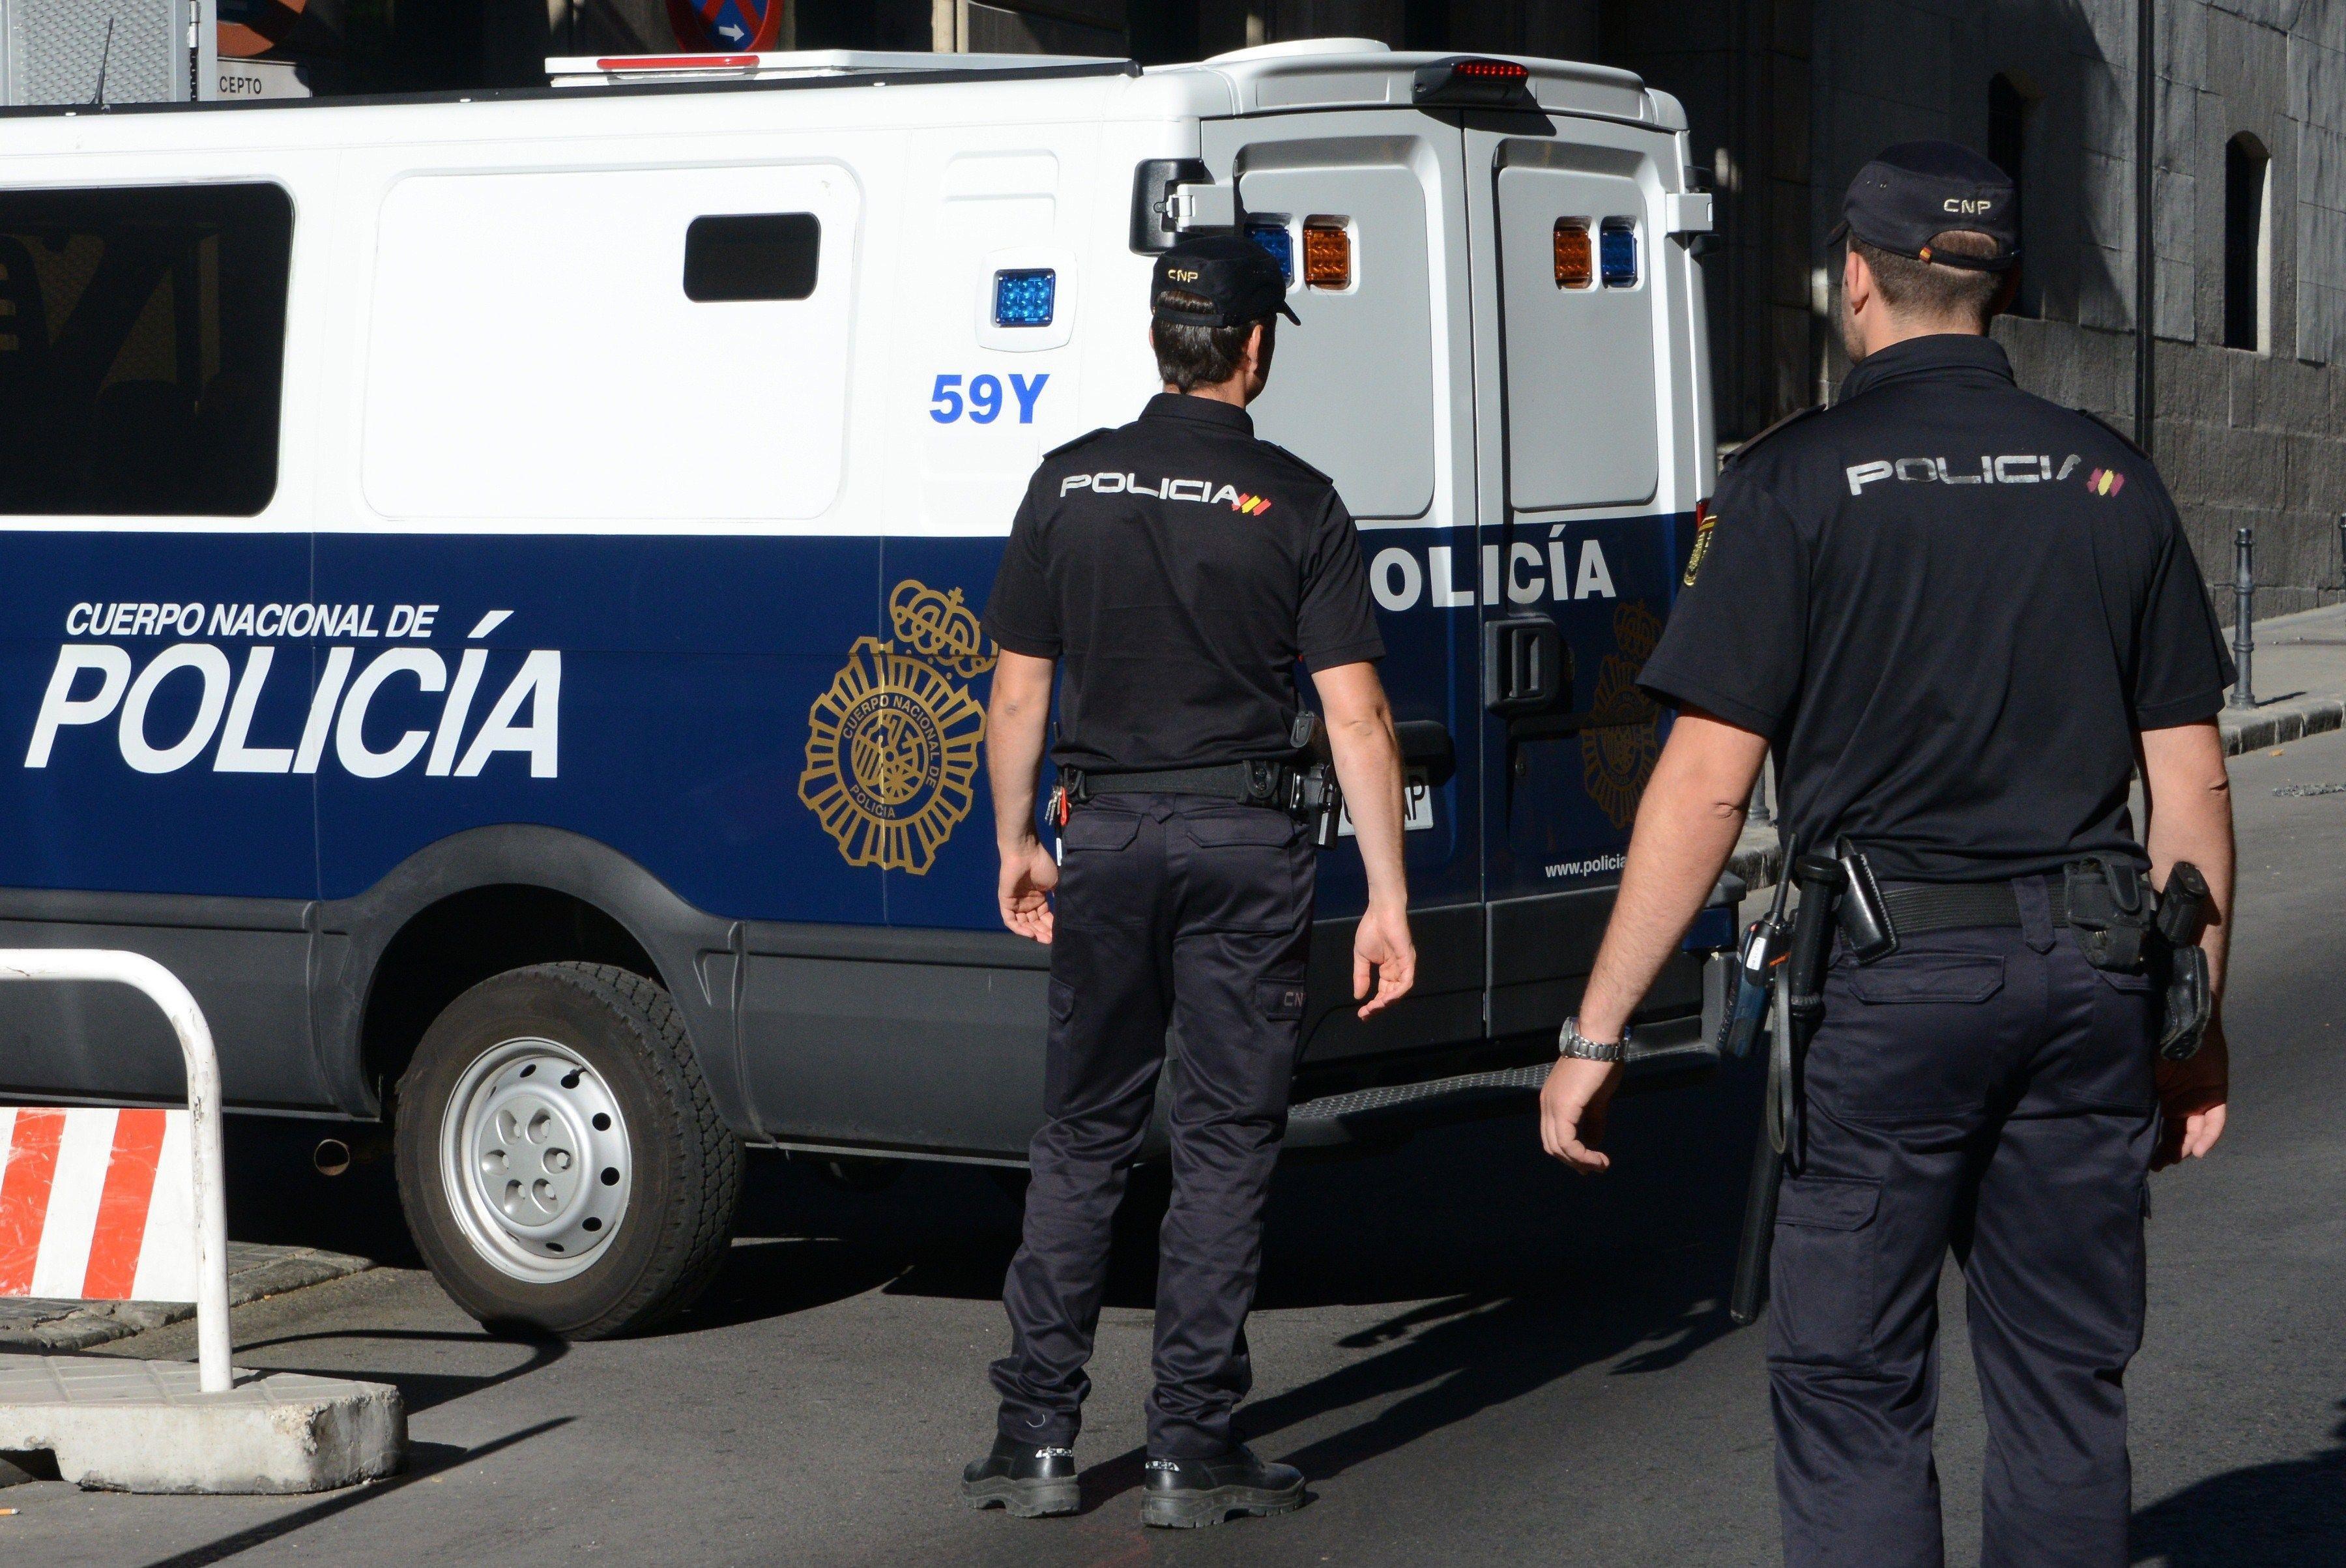 Мужчина насиловал дочь иееподруг, чтобы «изгнать злобных духов»— Ужасы Испании